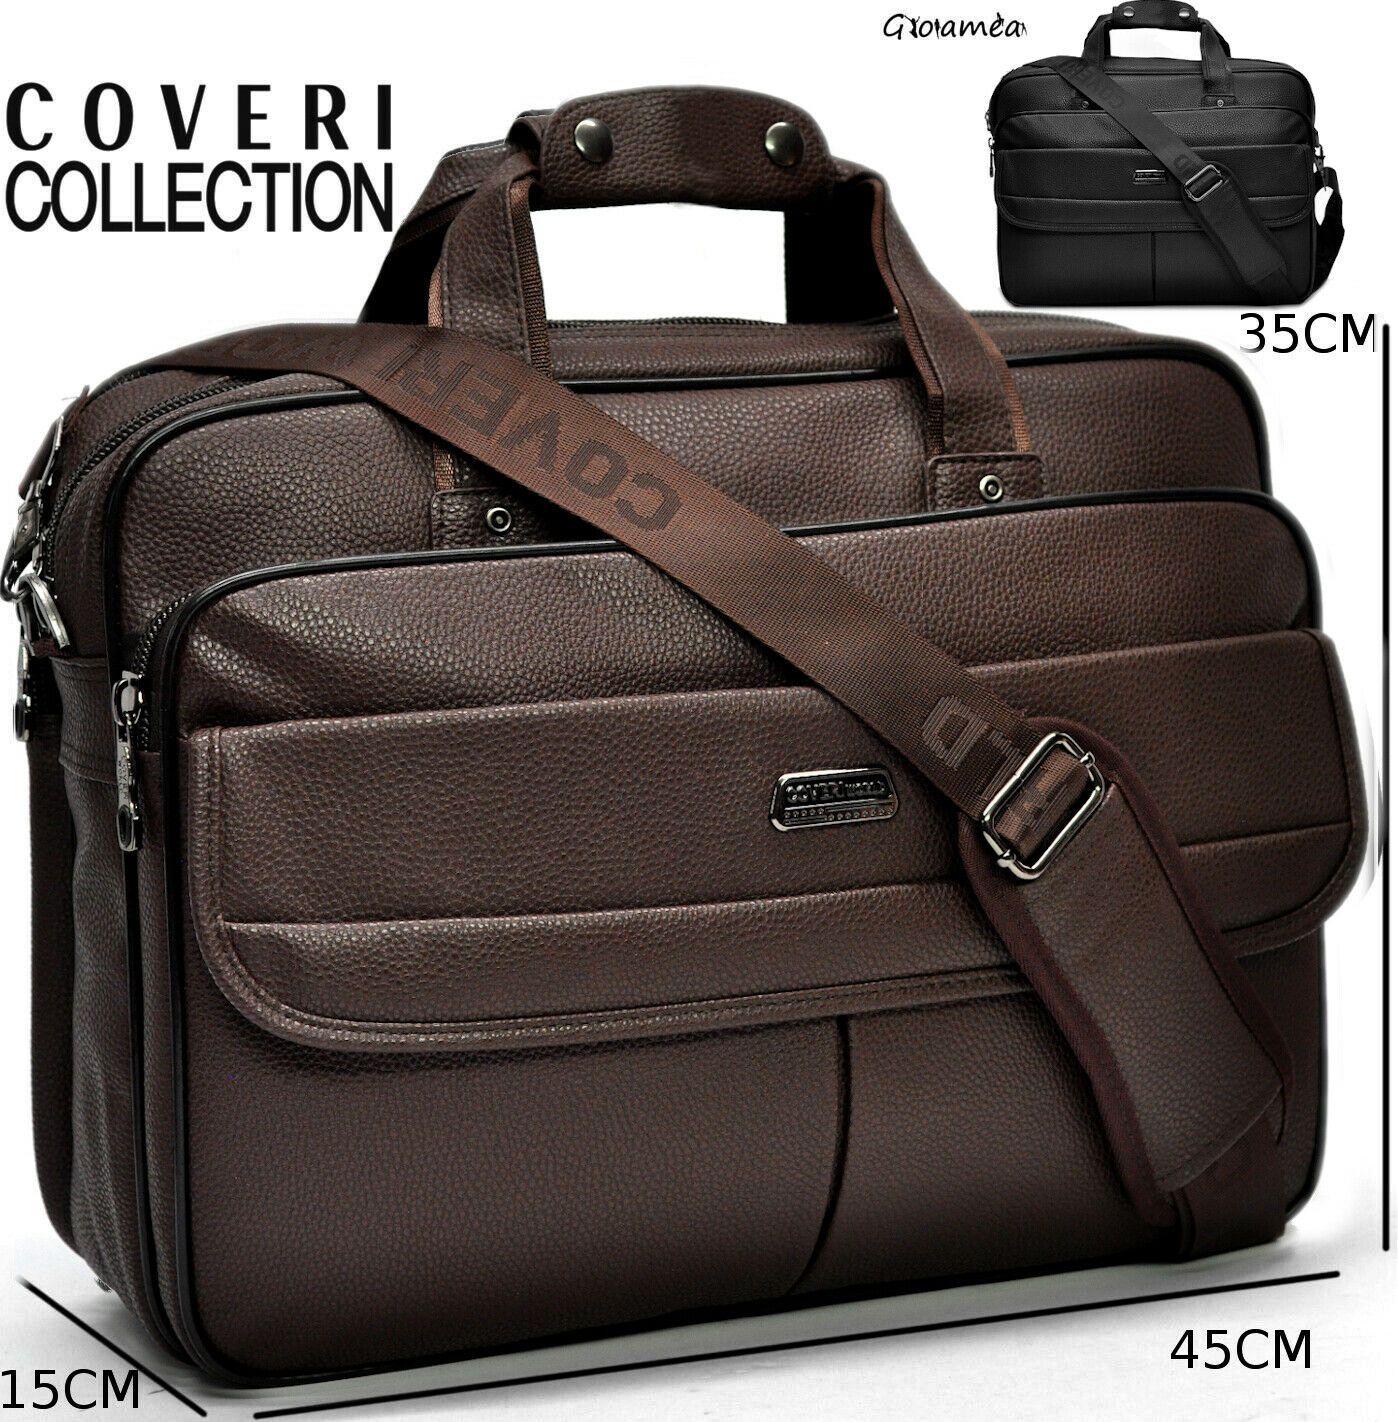 COVERI Bag Man Leather Office Shoulder Bag Pc Folder Document Holder Ipad Original Made In Italy Elegant